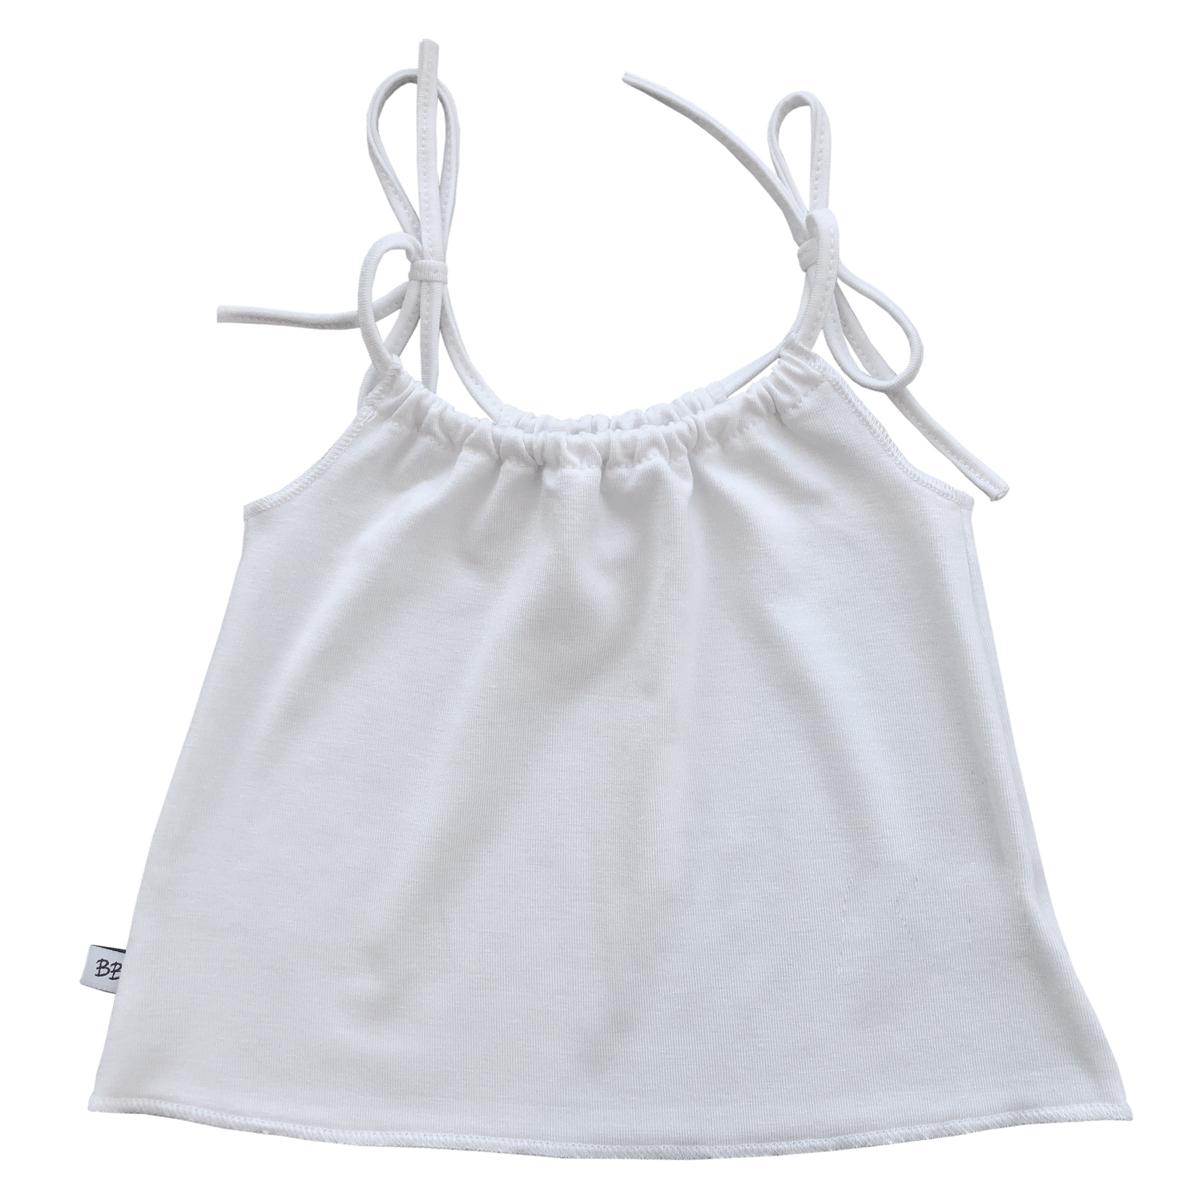 Haut bébé Débardeur Fines Bretelles Blanc - 6 Mois Débardeur Fines Bretelles Blanc - 6 Mois